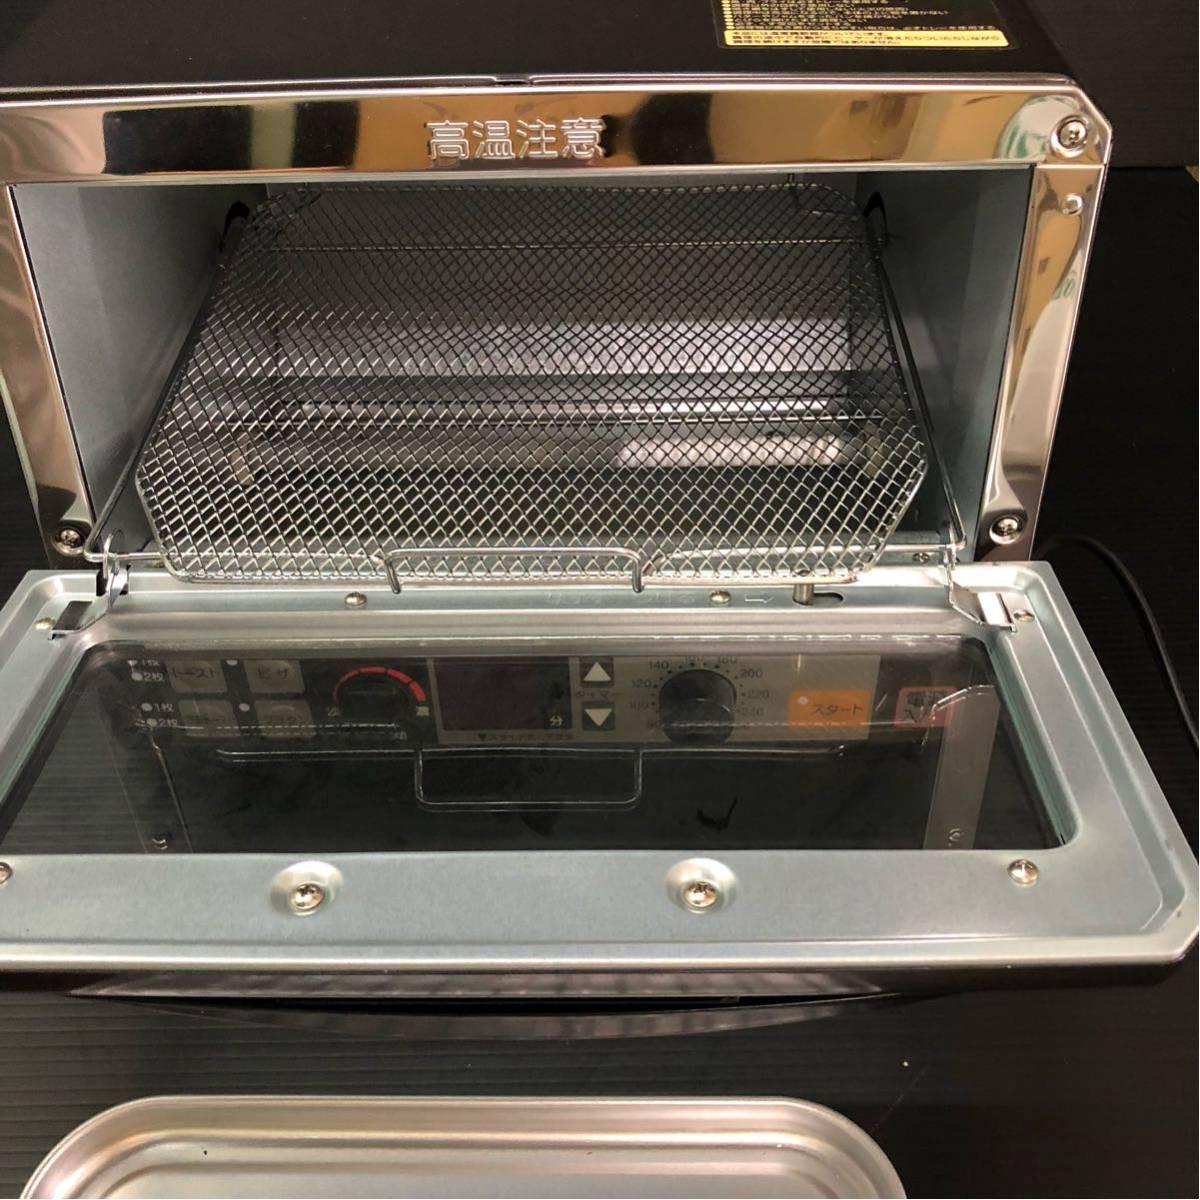 ★☆ 象印 ZOJIRUSHI オーブントースター ET-RG25 未使用品 ☆★_画像5